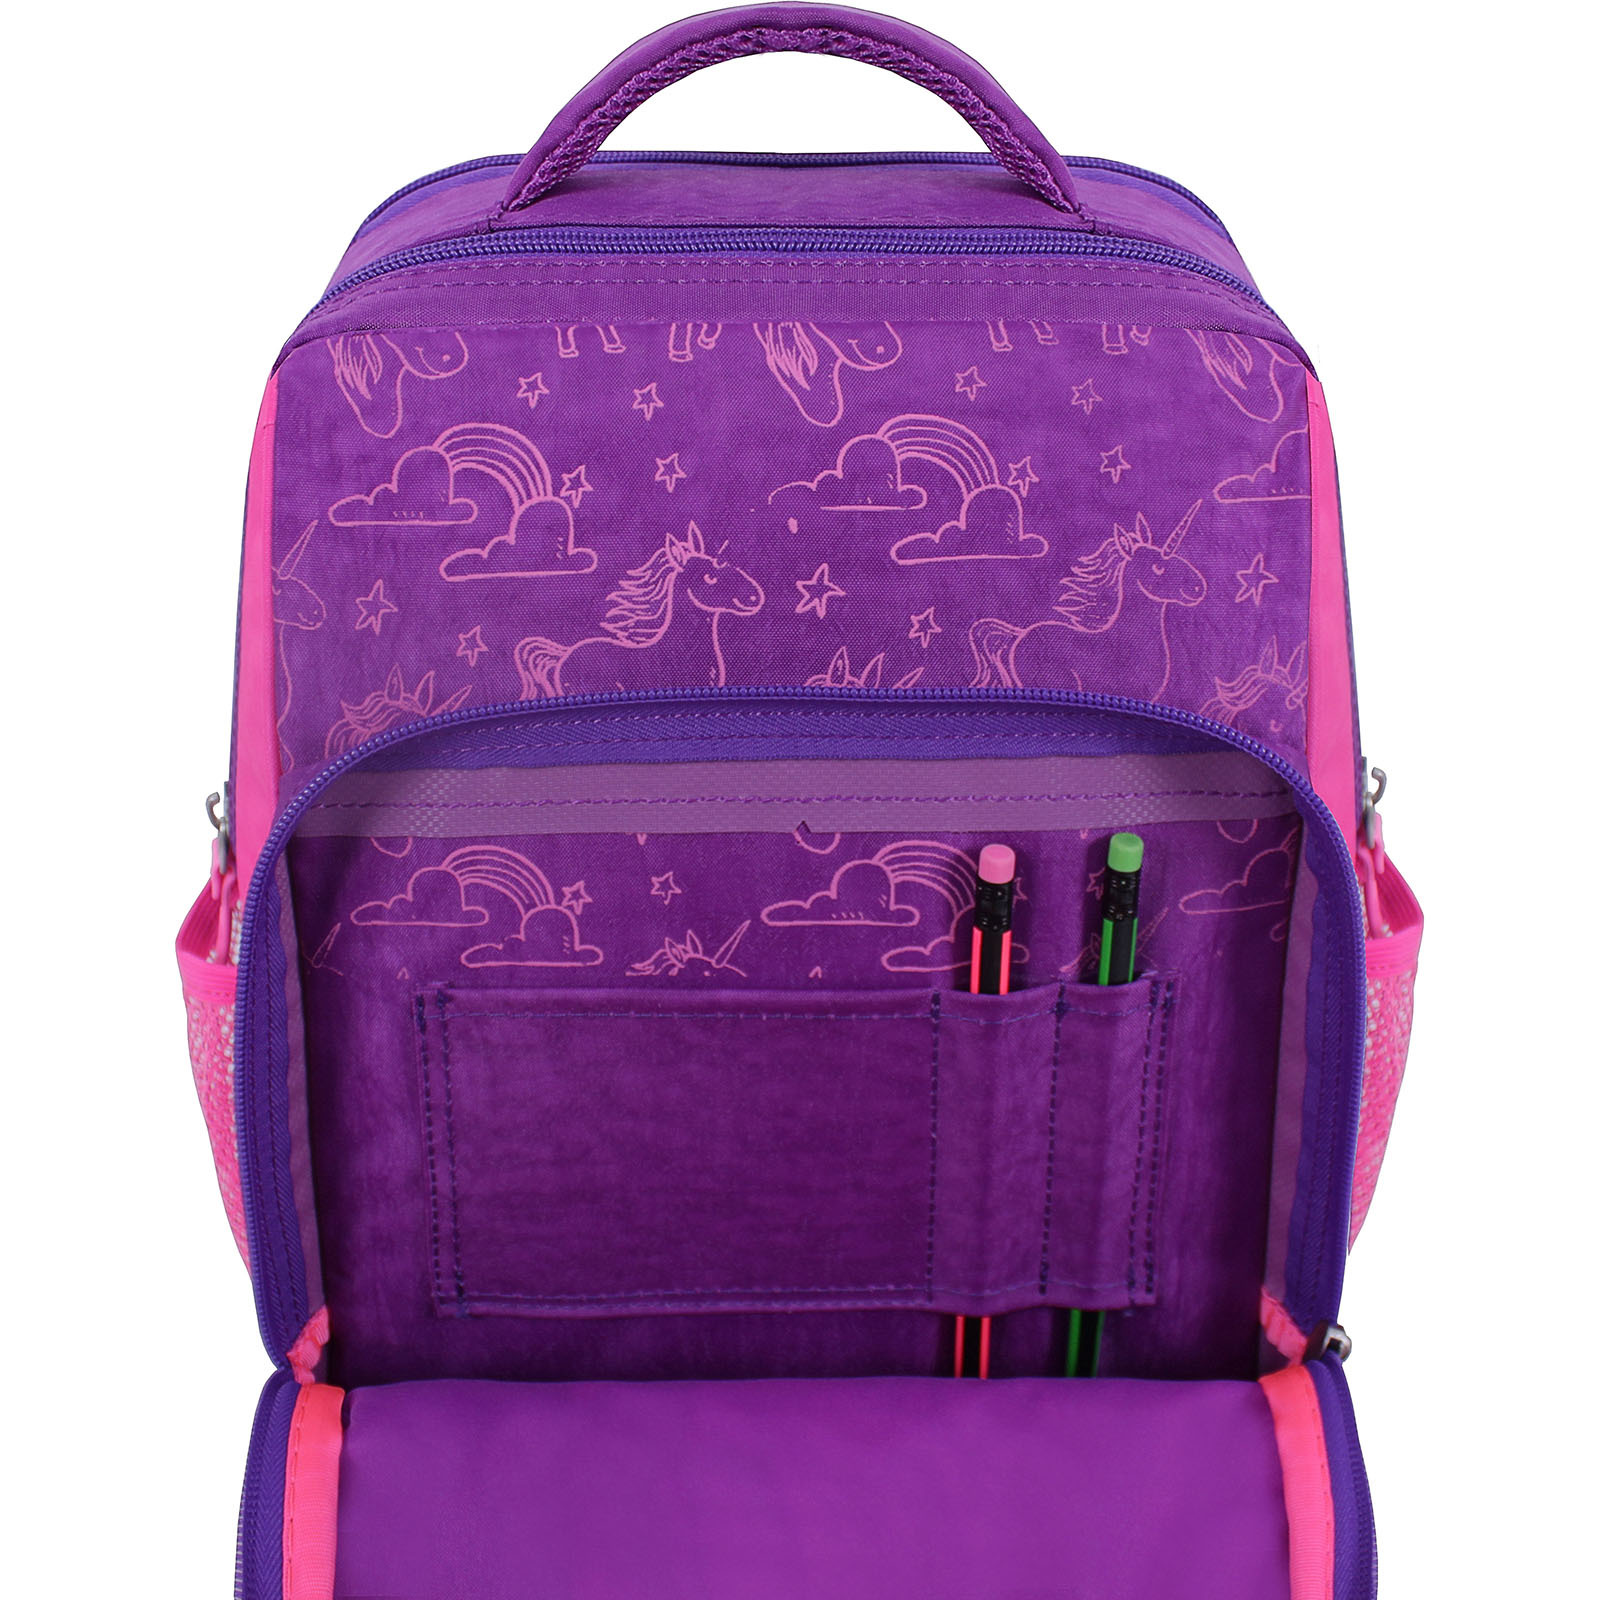 Рюкзак школьный Bagland Школьник 8 л. Фиолетовый 596 (00112702) фото 4